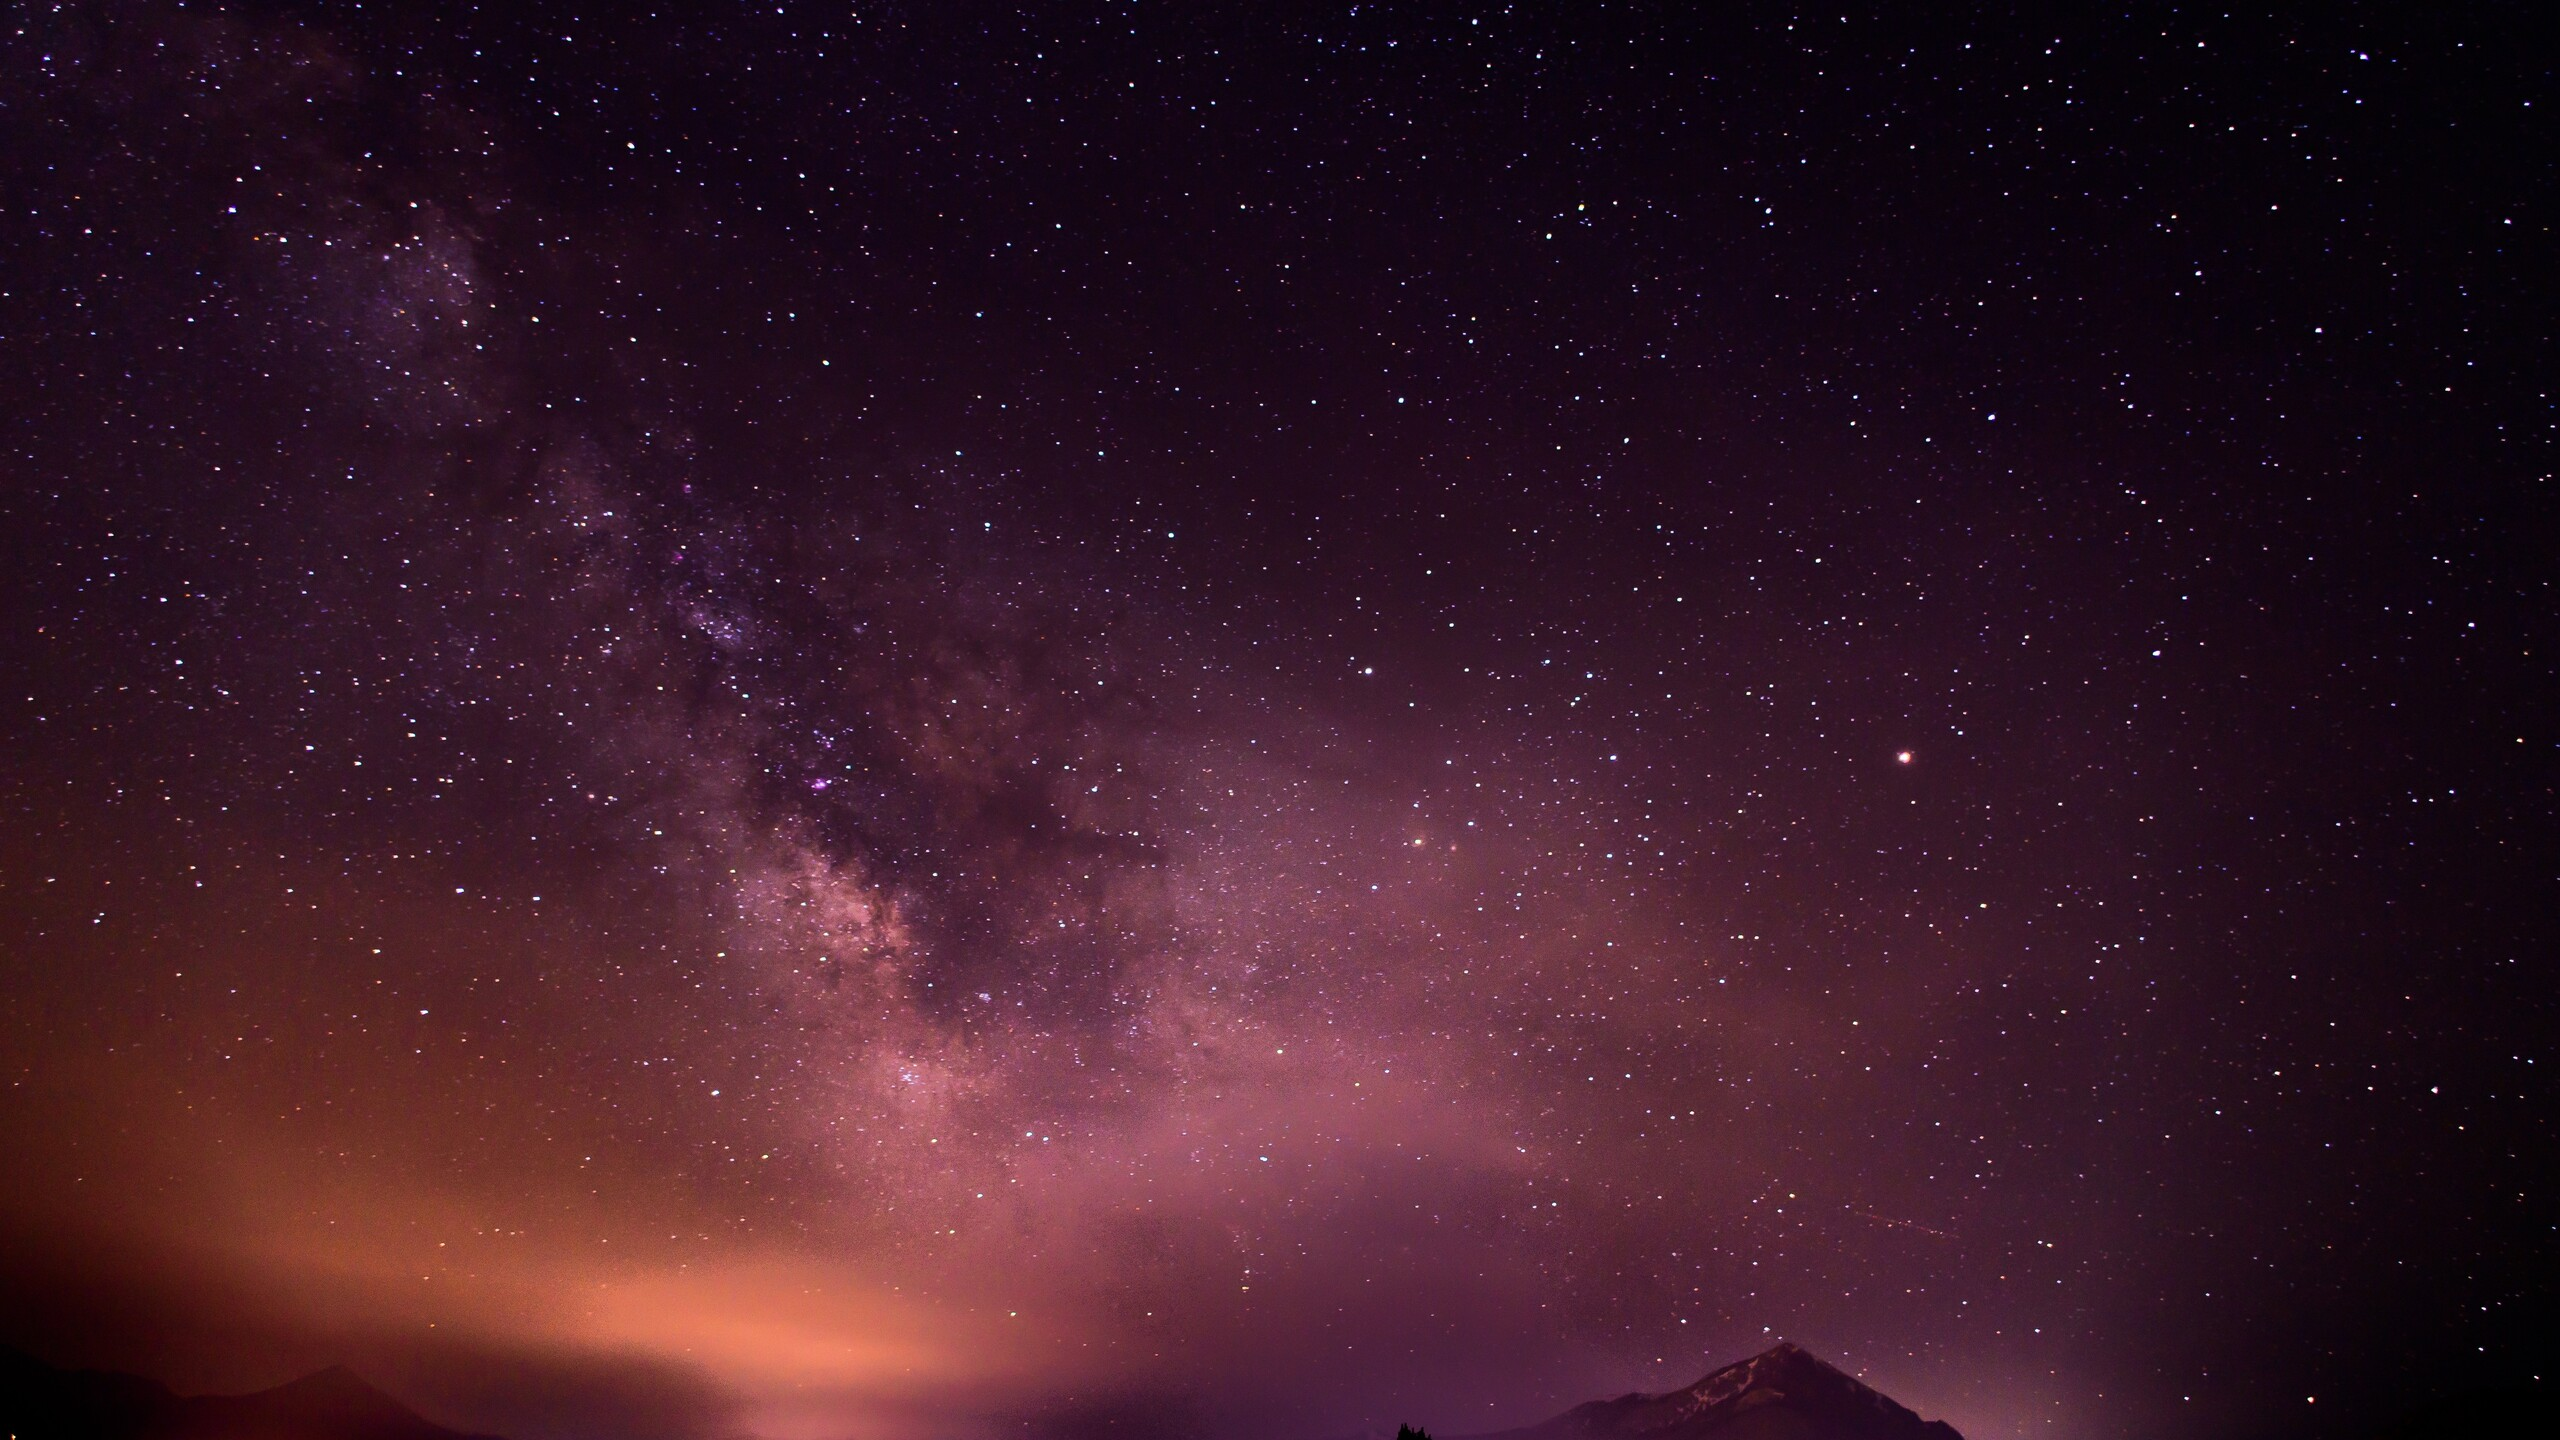 2560x1440 Sky Full Of Stars Long Exposure Galaxy 5k 1440p